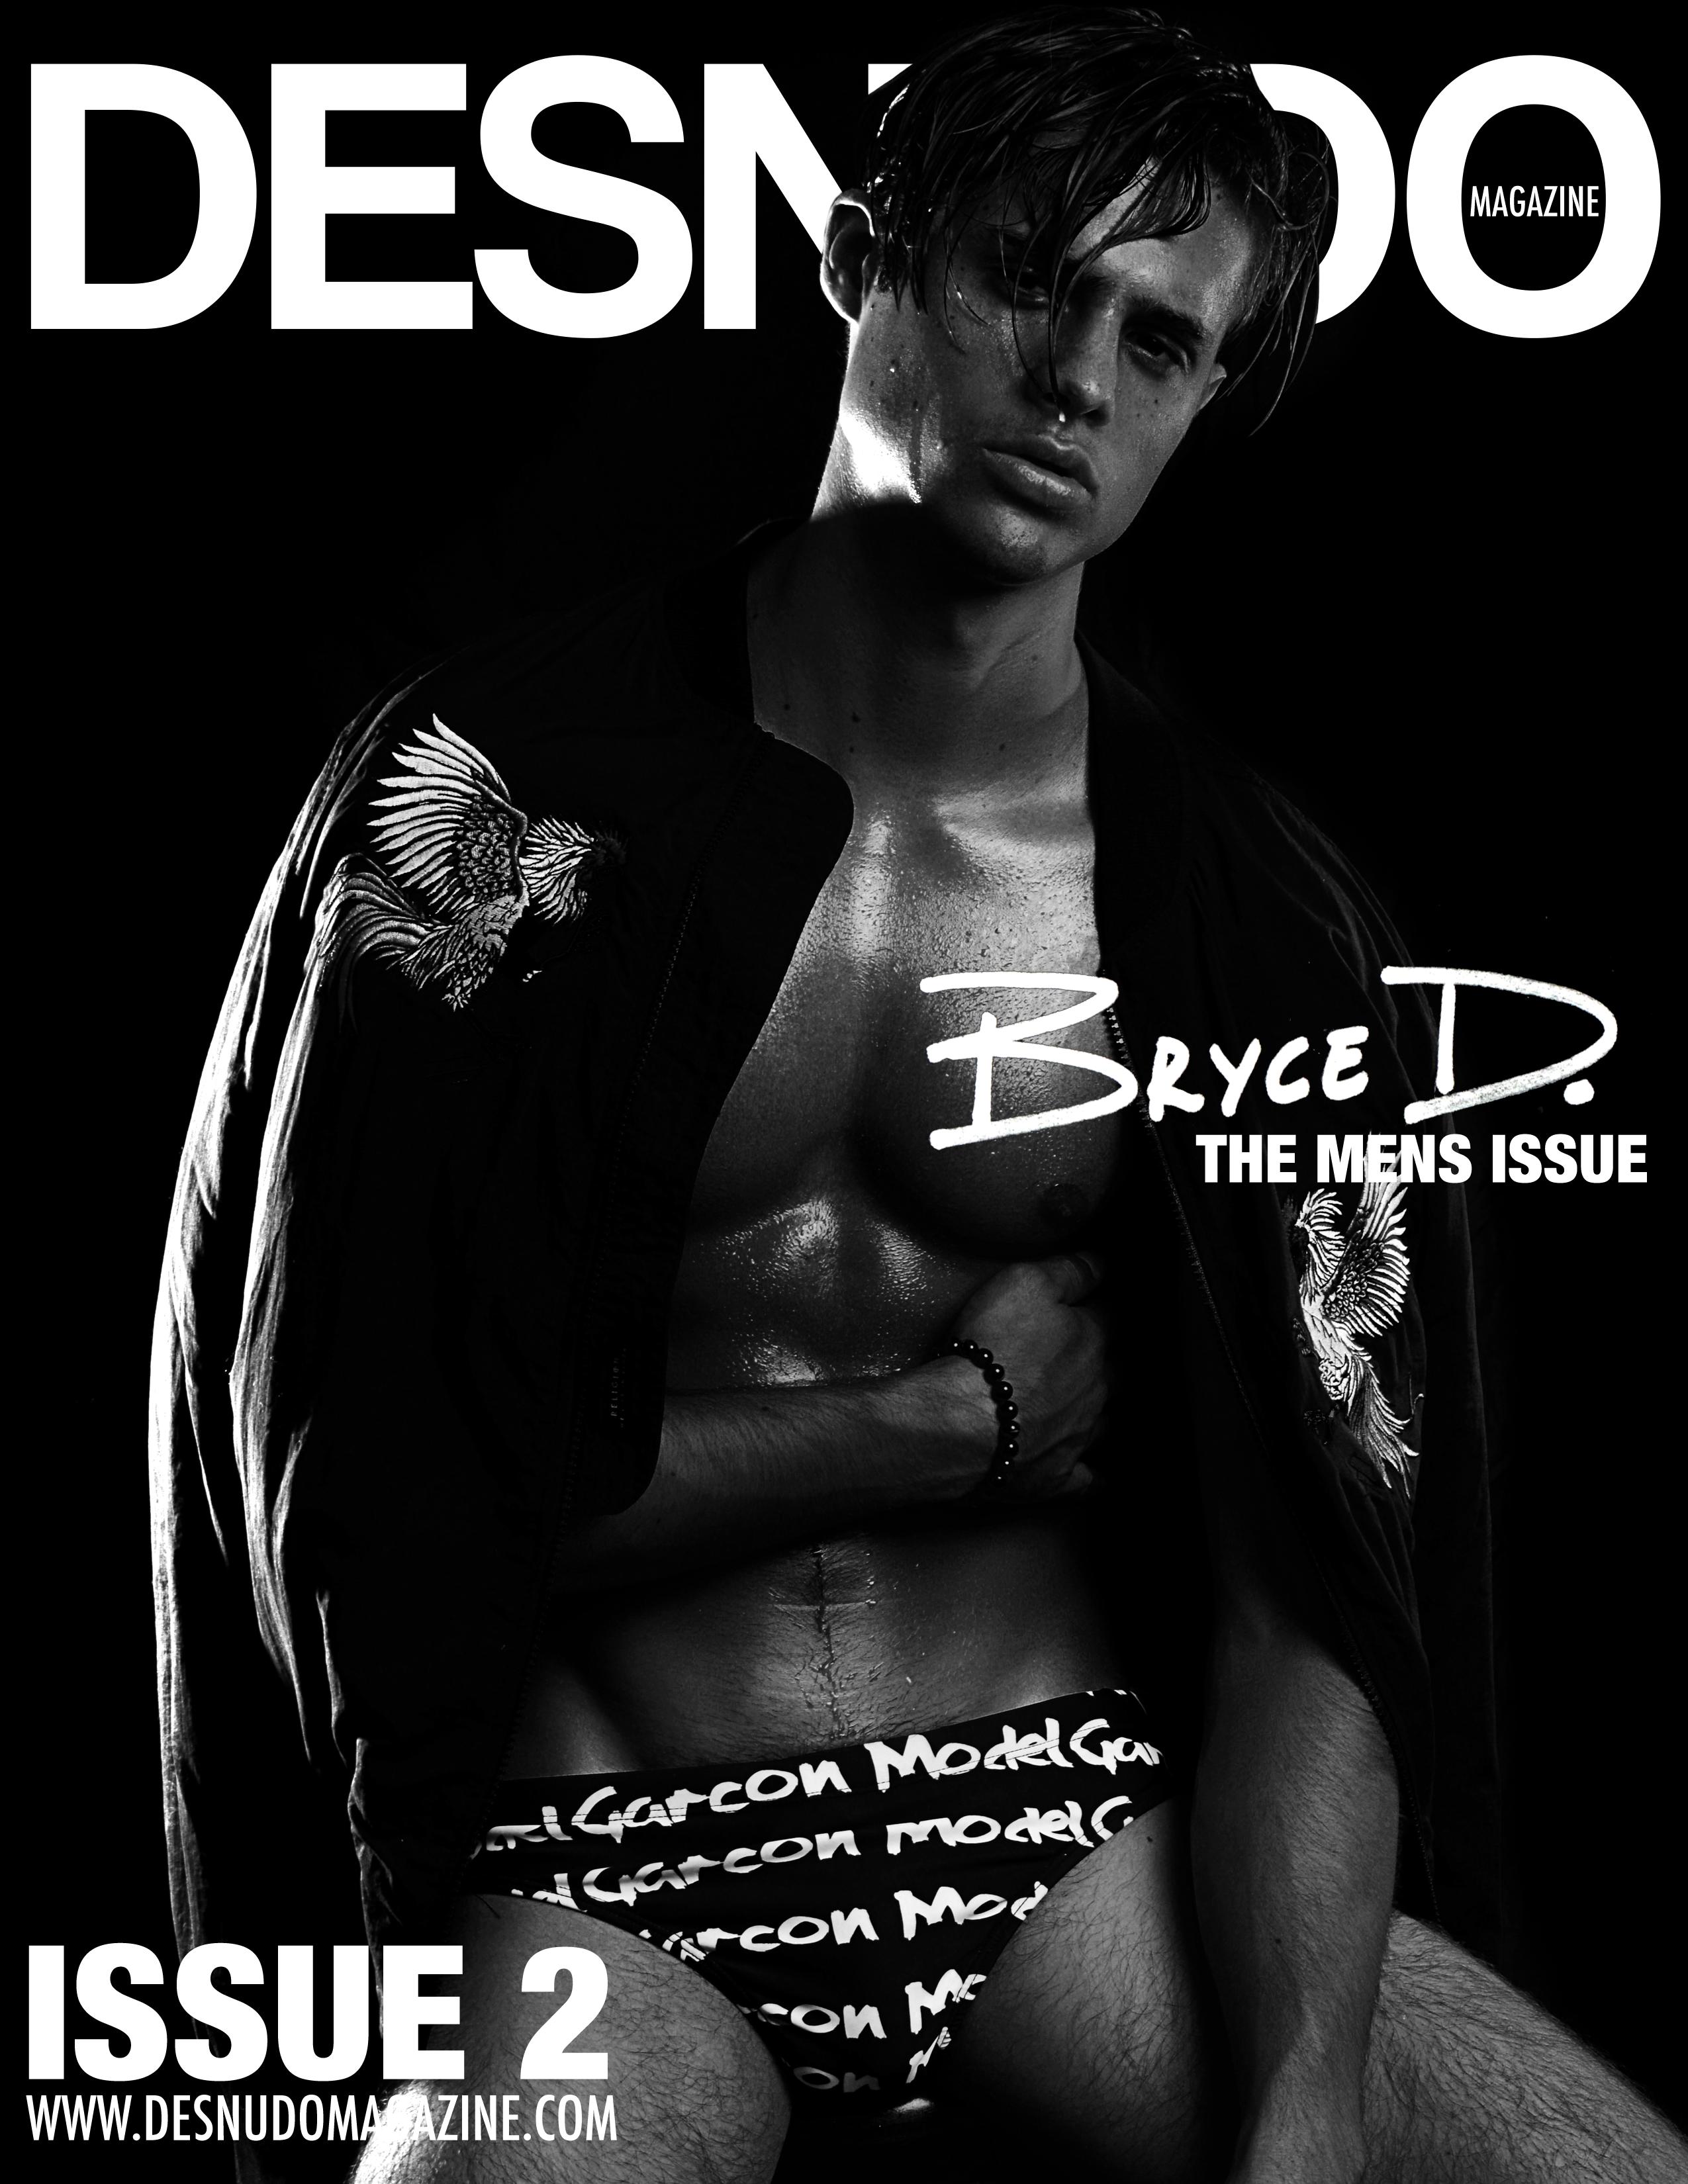 DesnudoMagazinebryceFrontCover2